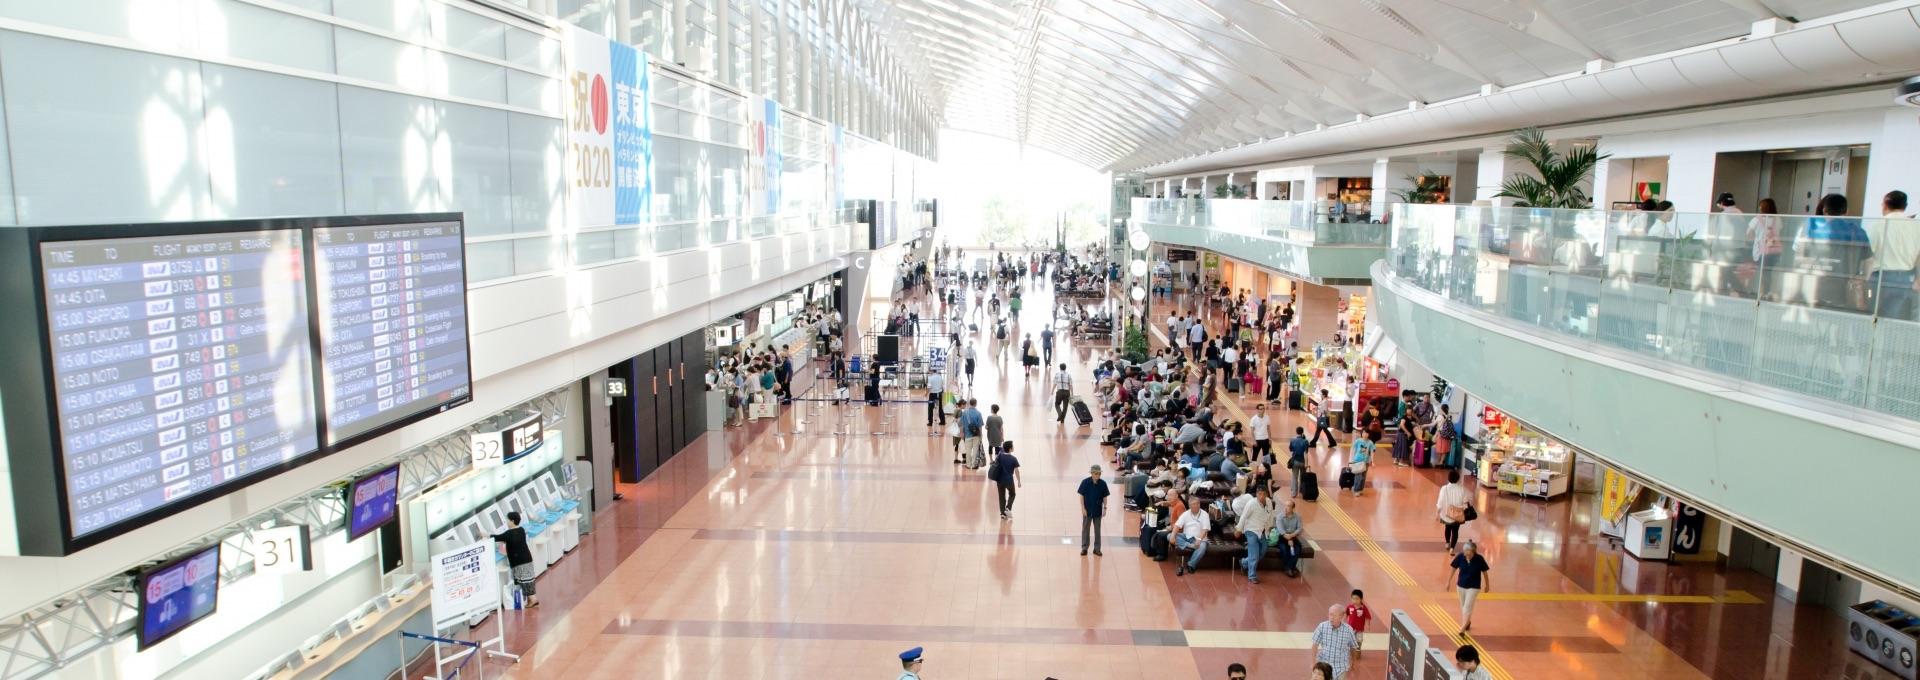 ホワイトパーキング羽田空港駐車場のご利用方法|羽田空港駐車場ホワイトパーキング